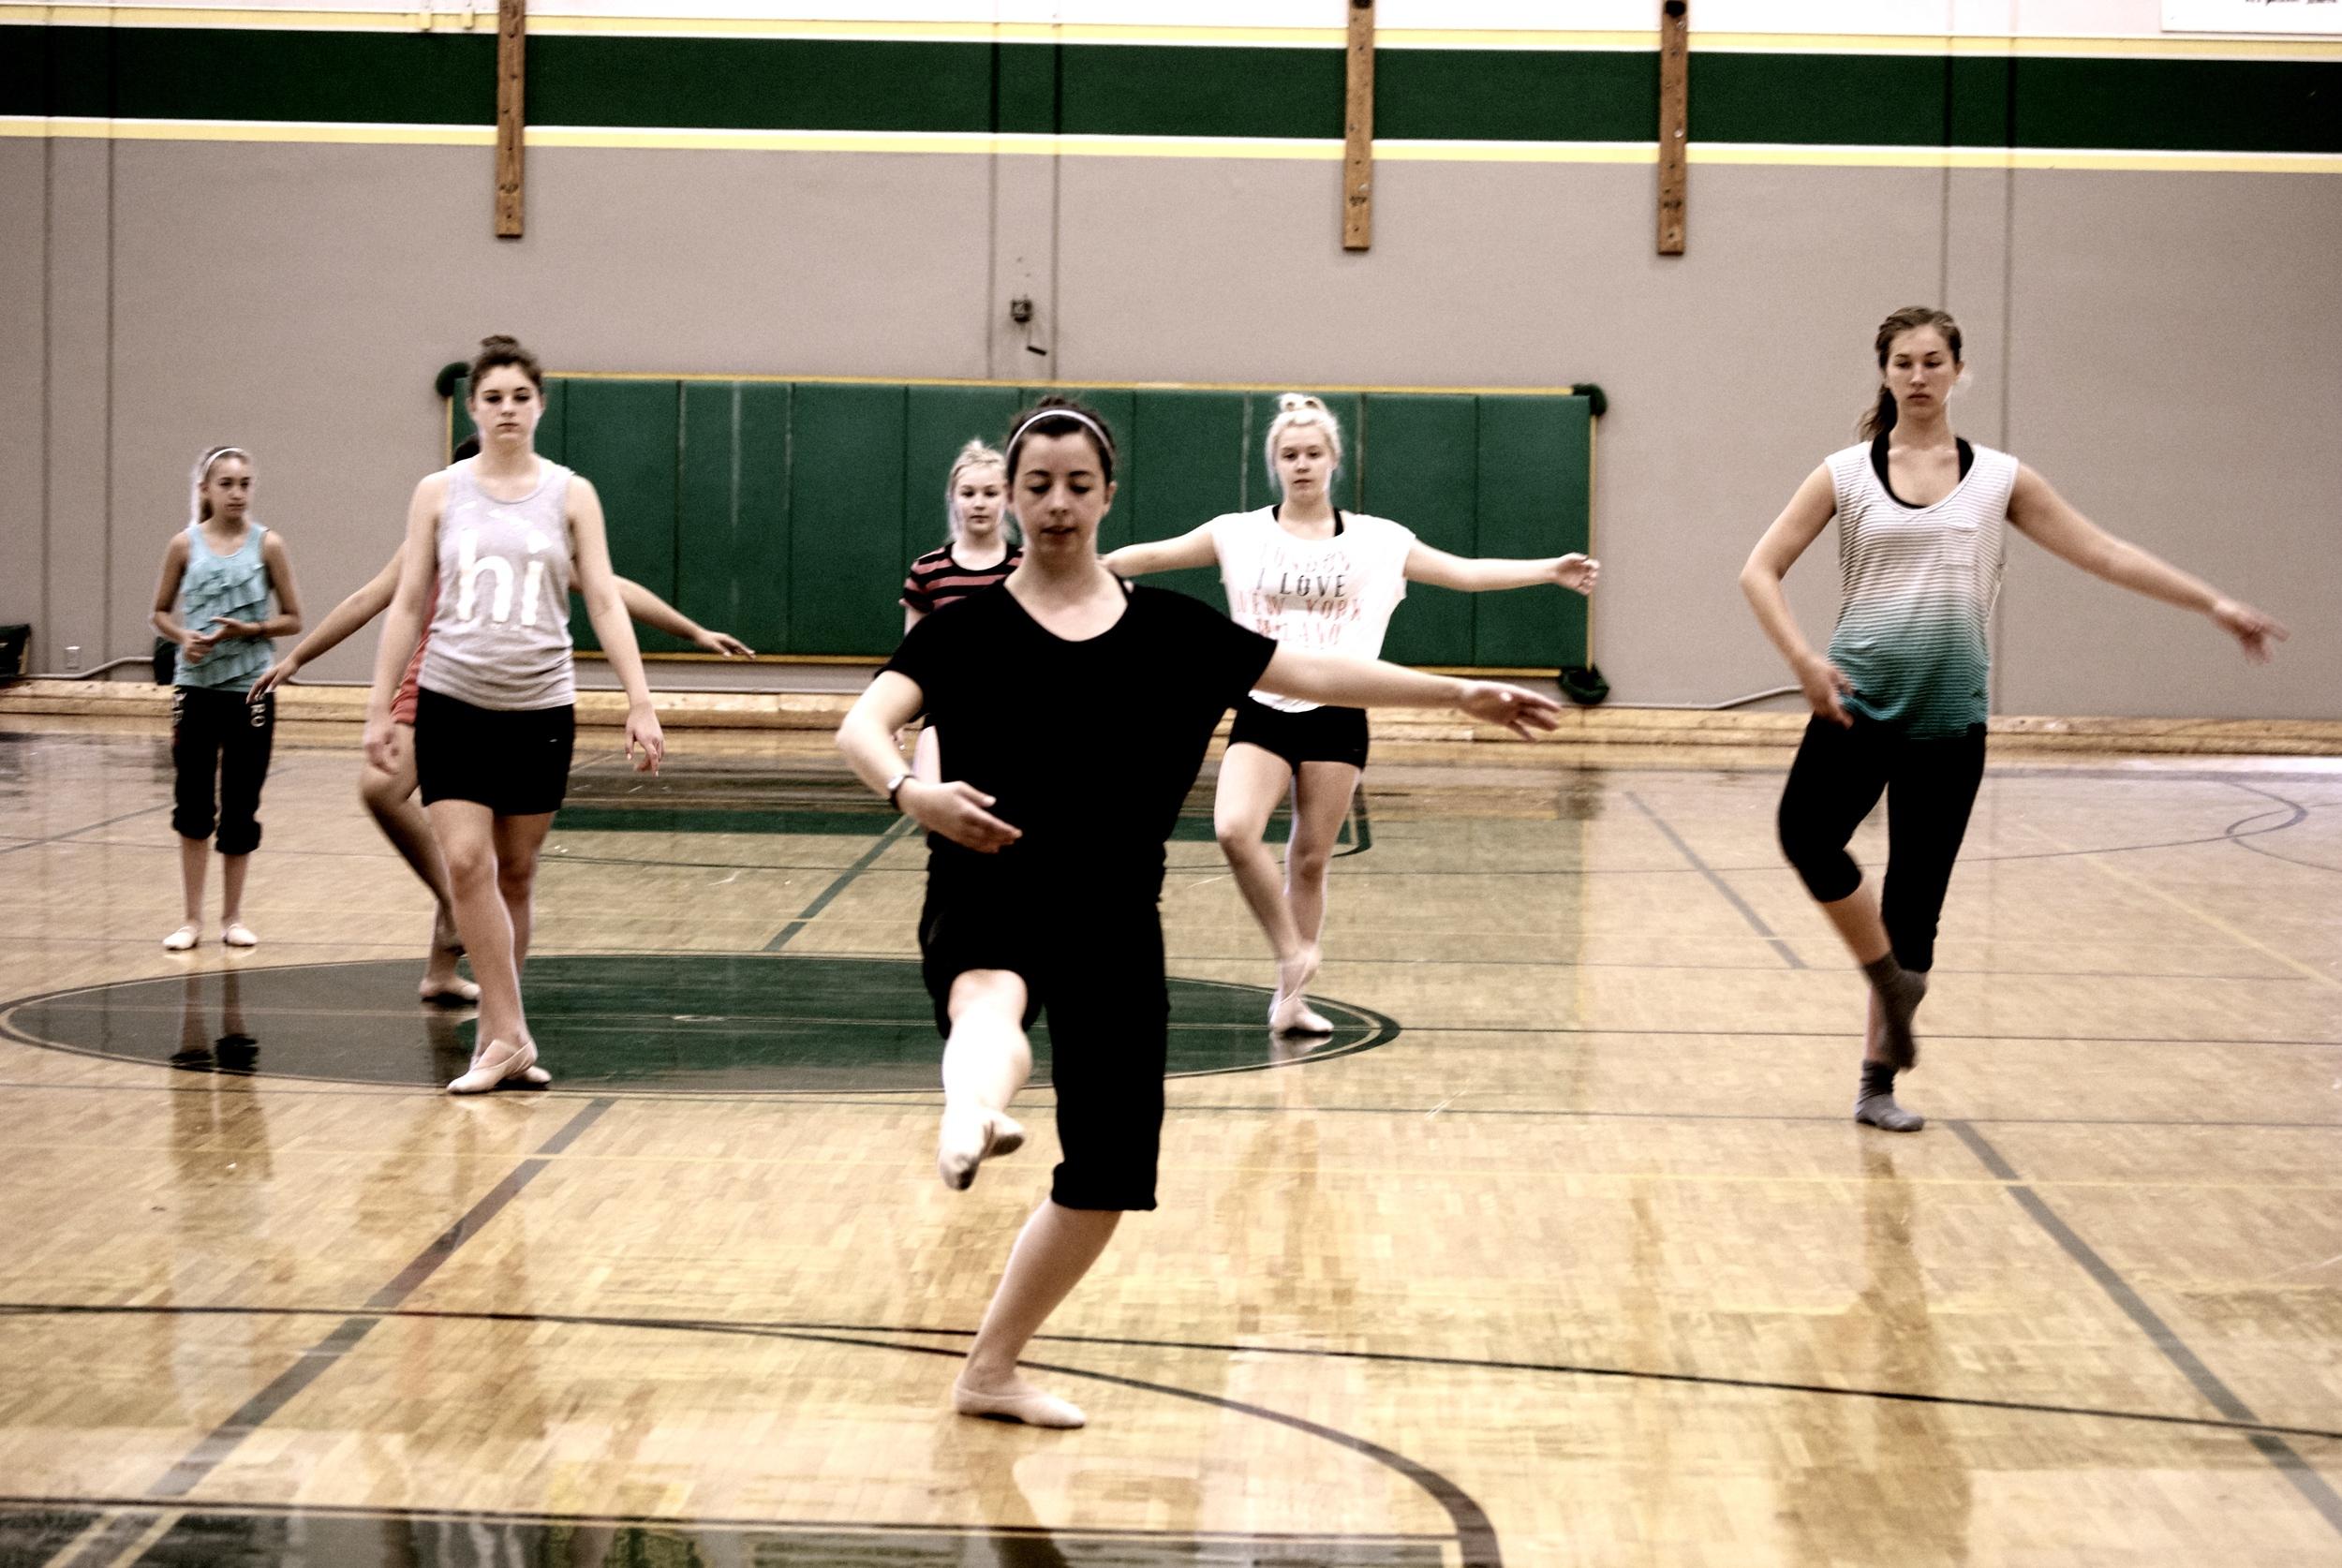 Ballet w/ Hailey Bill